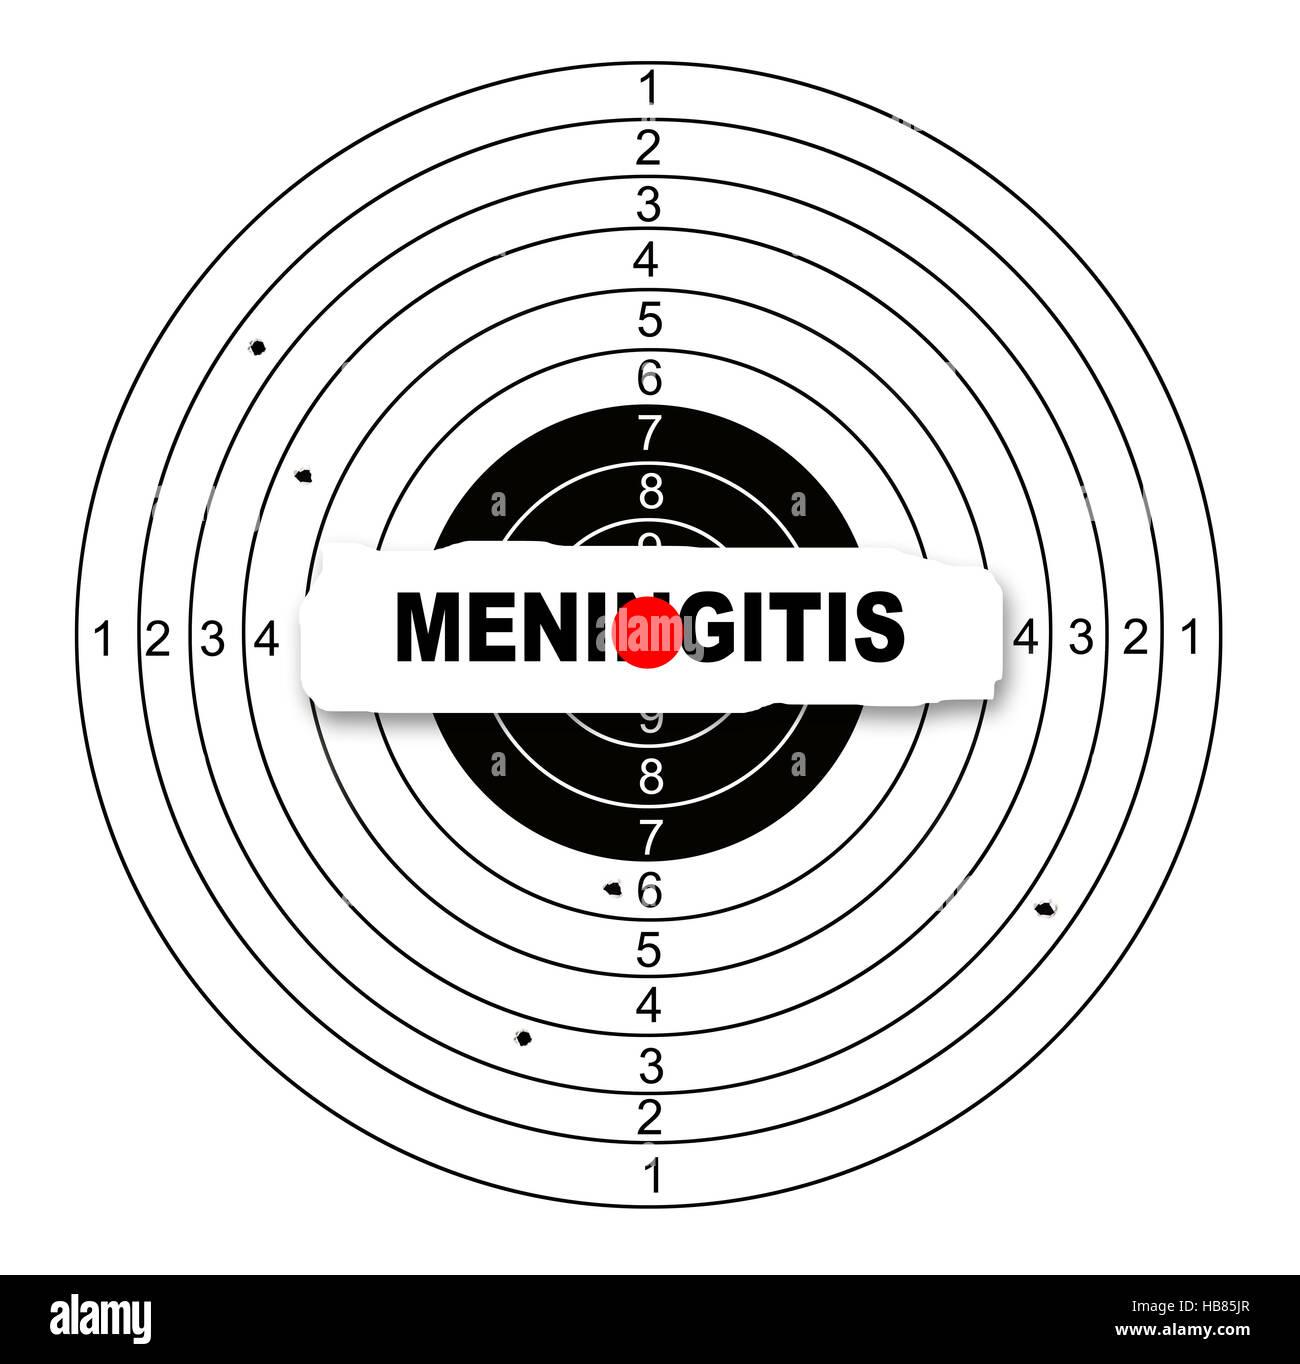 meningitis - Stock Image